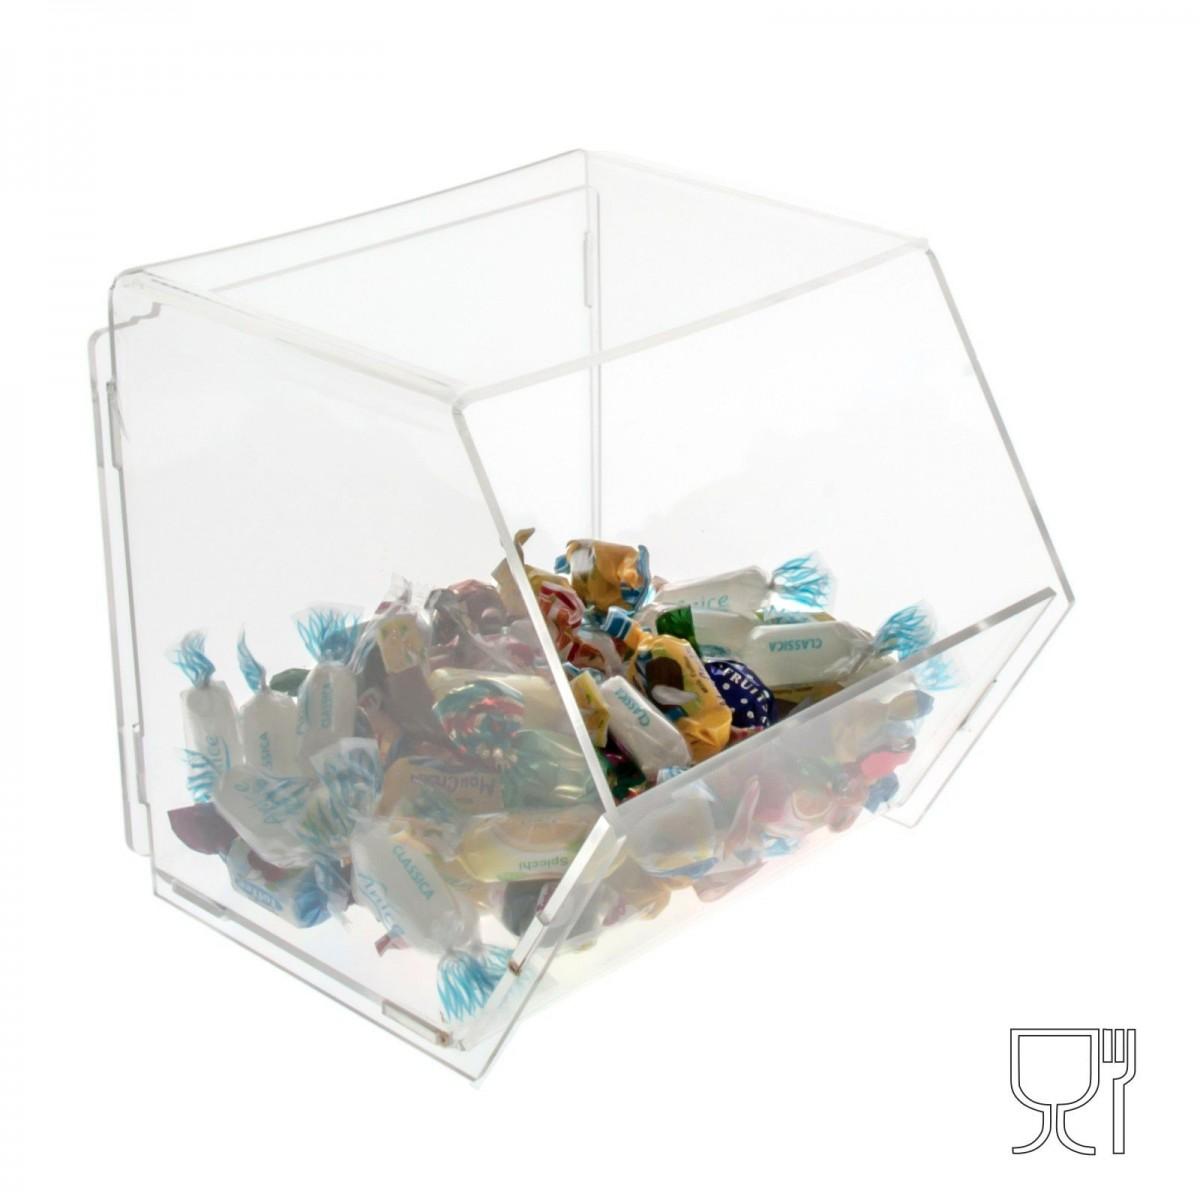 E-045 PC - Porta caramelle in plexiglass trasparente SENZA sportello - Misure: 16x17x H17 cm